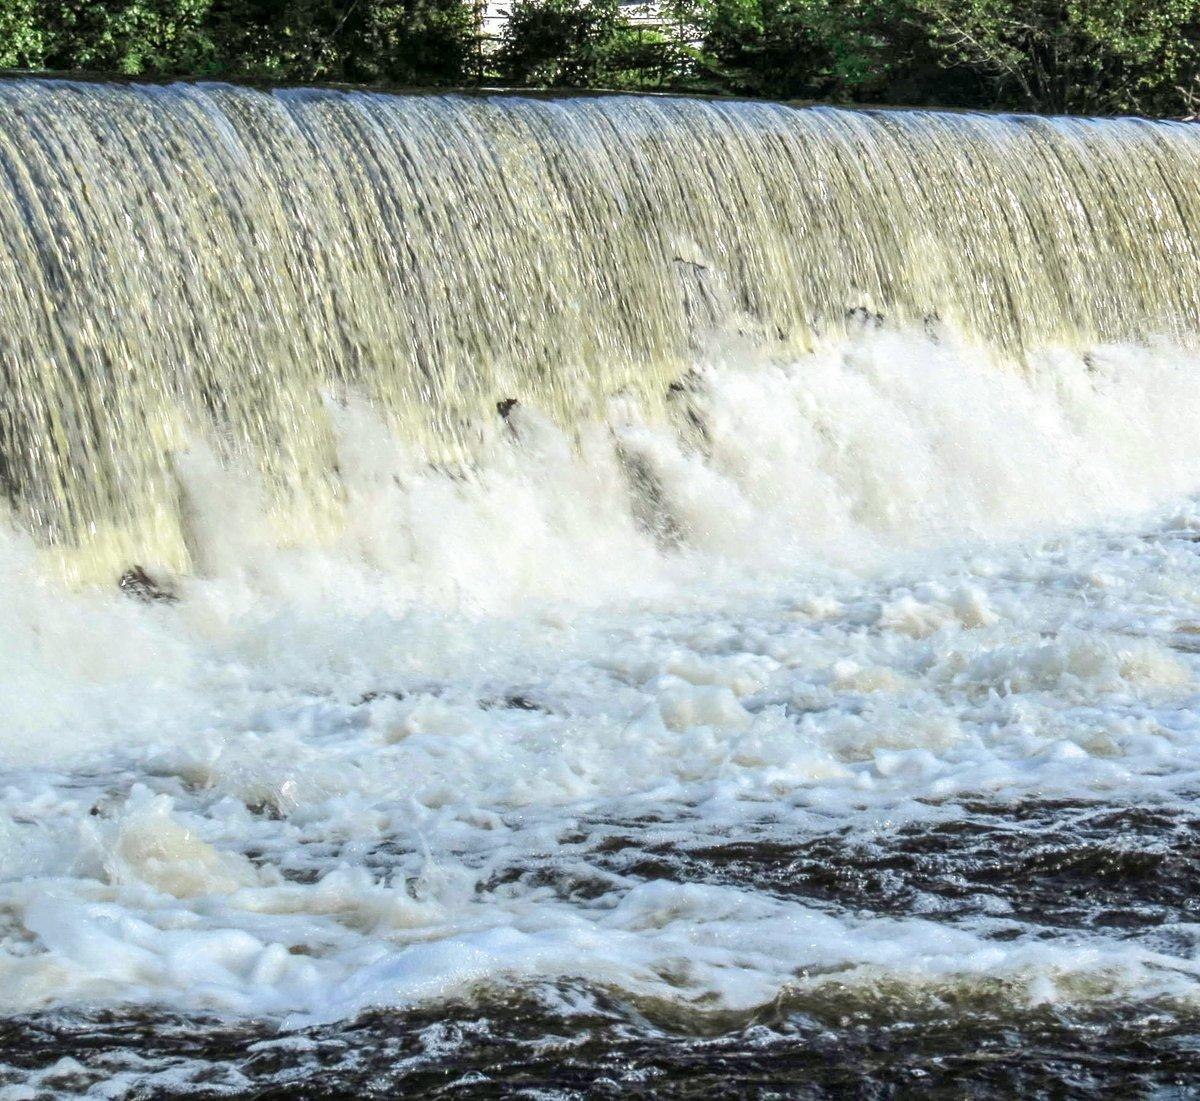 10. Ashuelot Falls